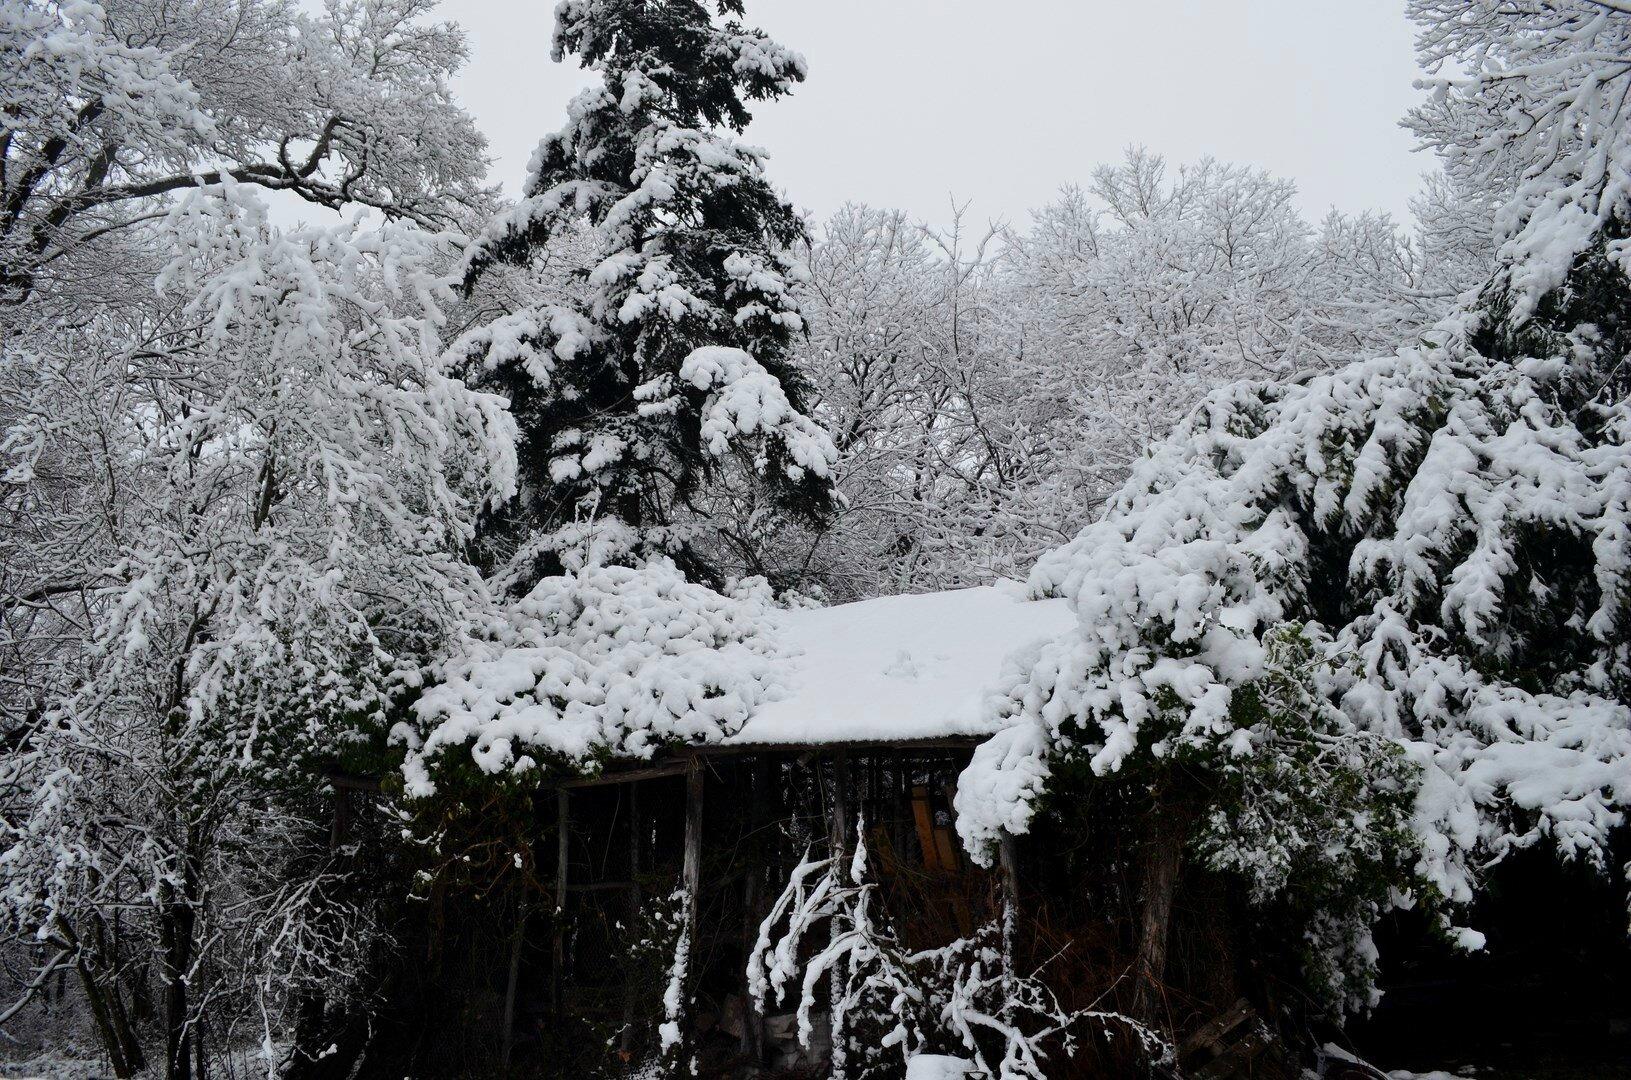 Le vieux hangar de mon grand-père sous la neige...